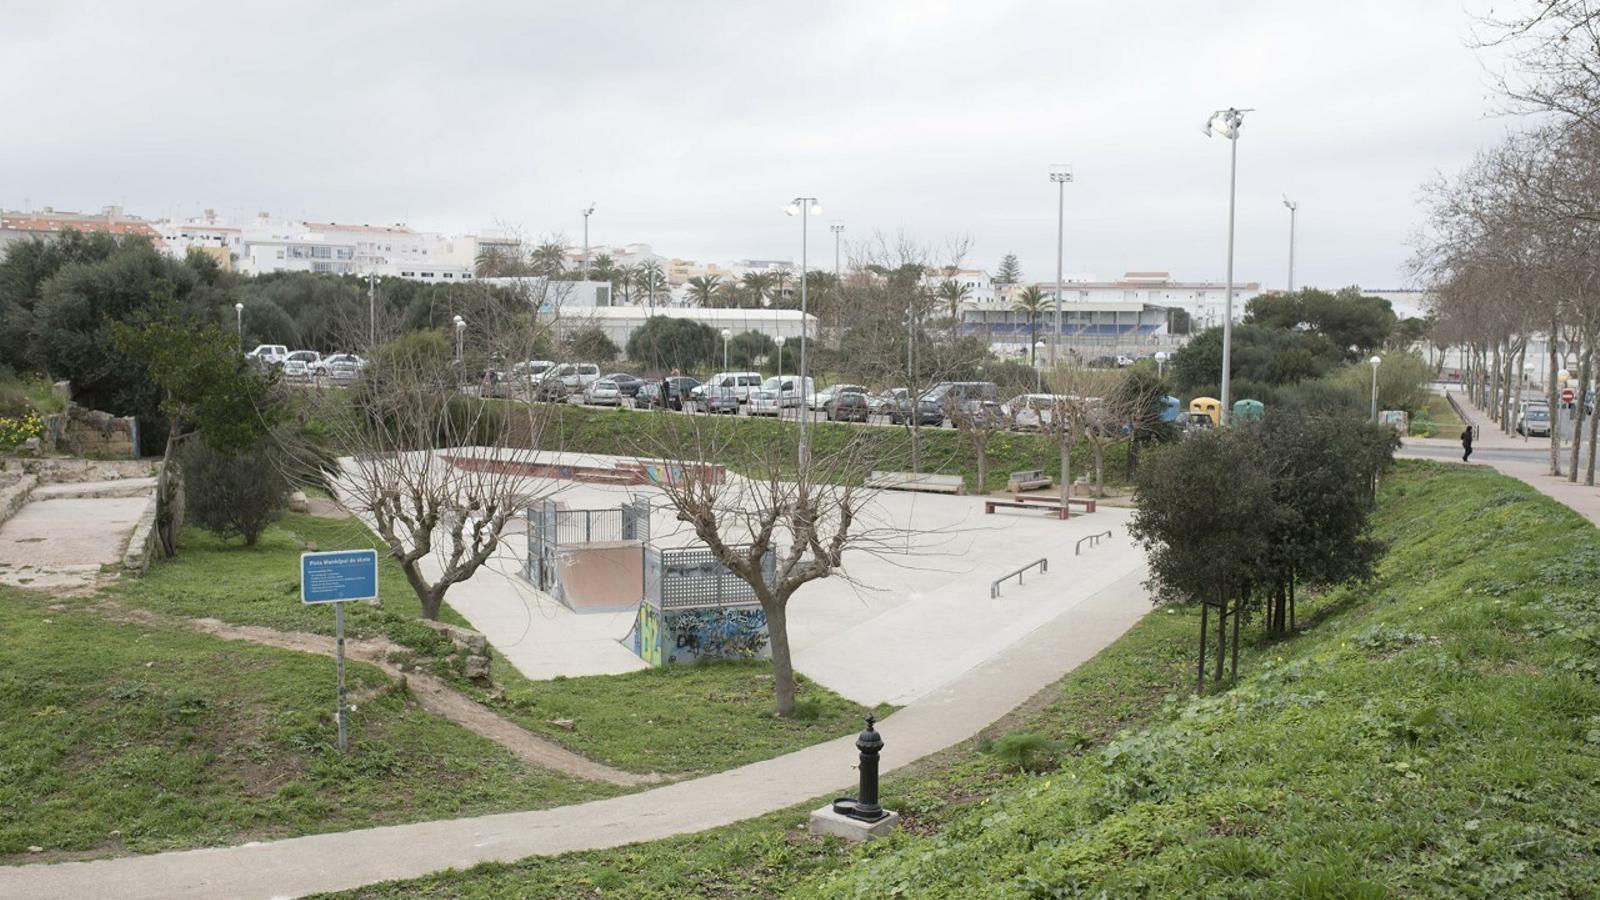 El 'Skate Park' de Maó va ser el primer escenari investigat i on es van dur a terme els seguiments a sospitosos.